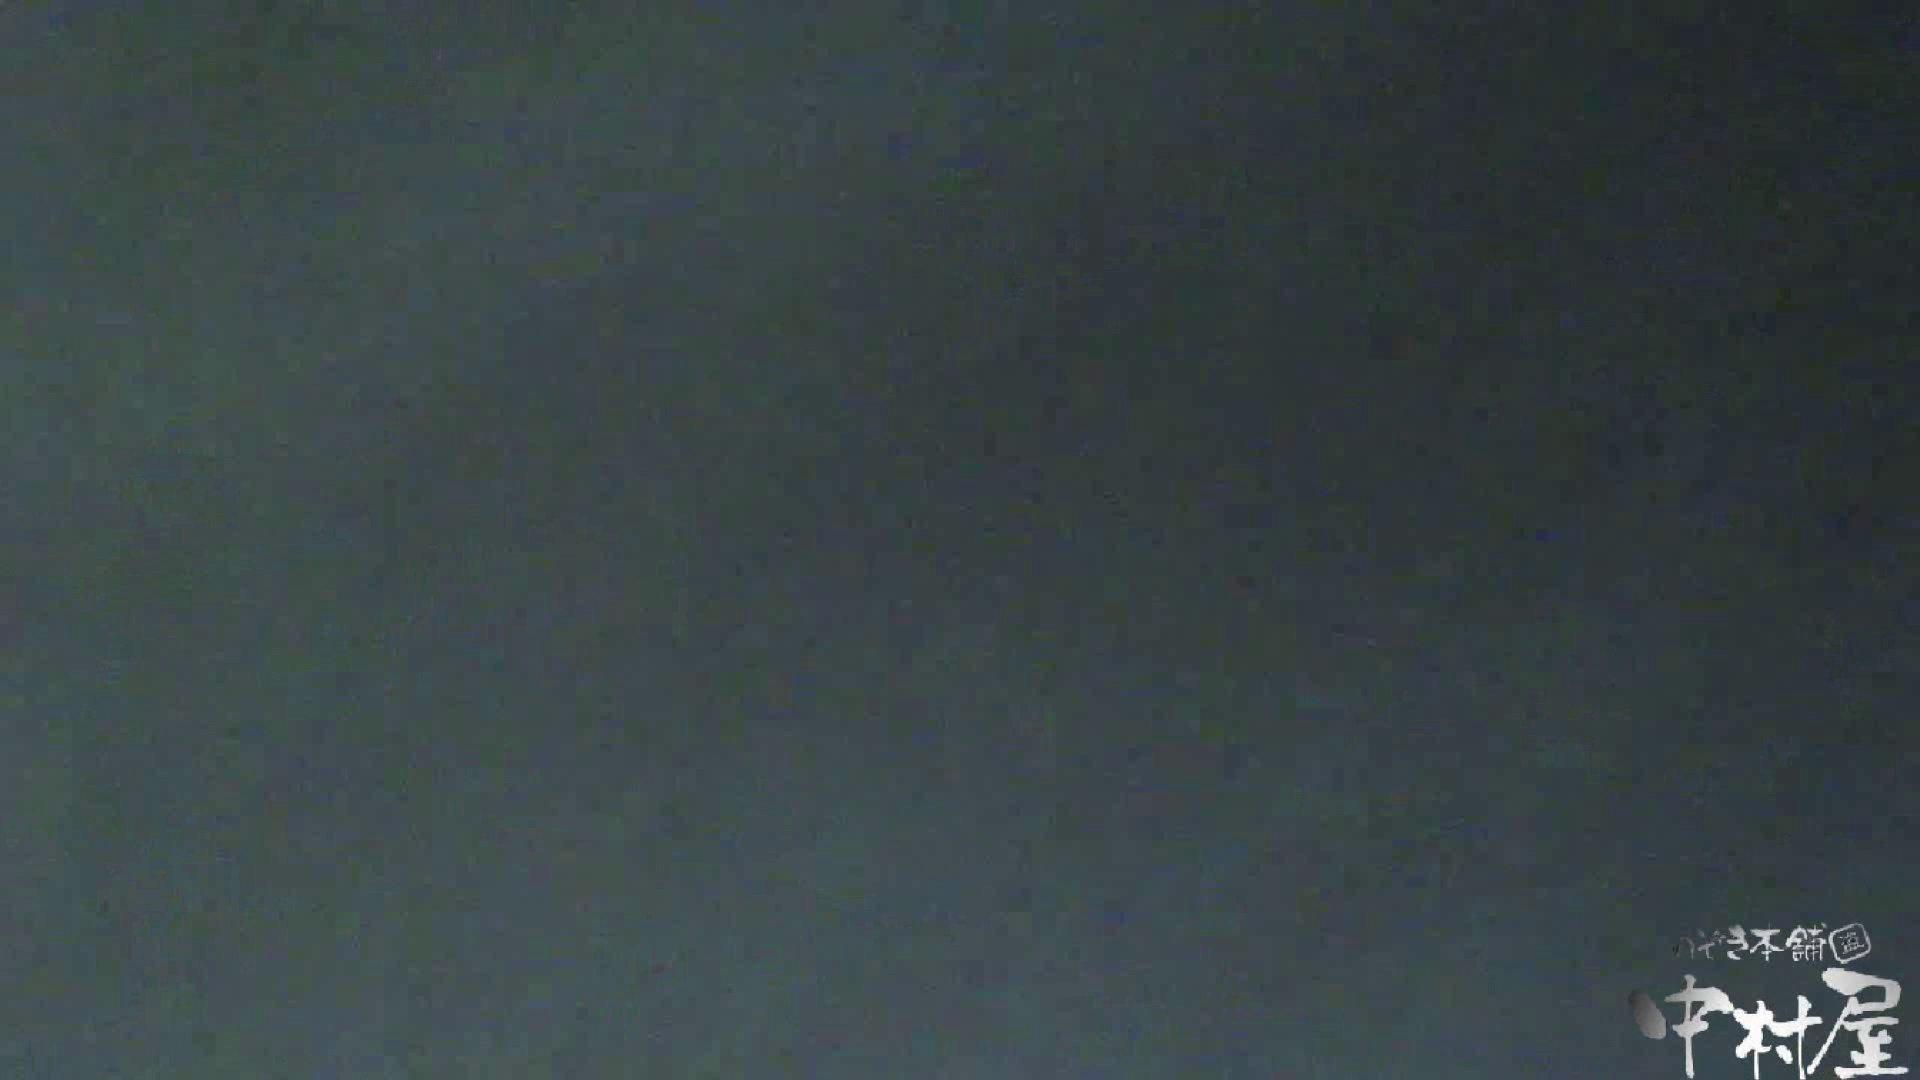 魂のかわや盗撮62連発! 丁寧にオシリをフキフキ! 38発目! 盗撮 | リアル黄金水  71画像 47